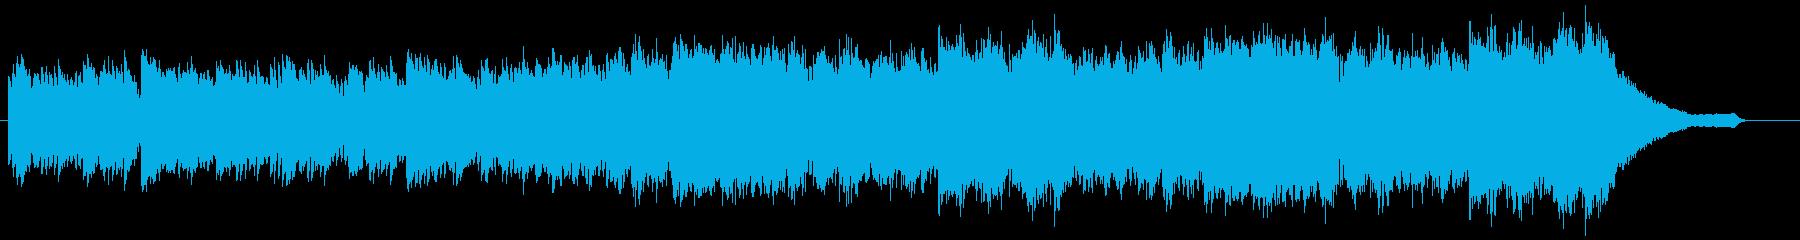 企業VPや映像61、オーケストラ、壮大bの再生済みの波形